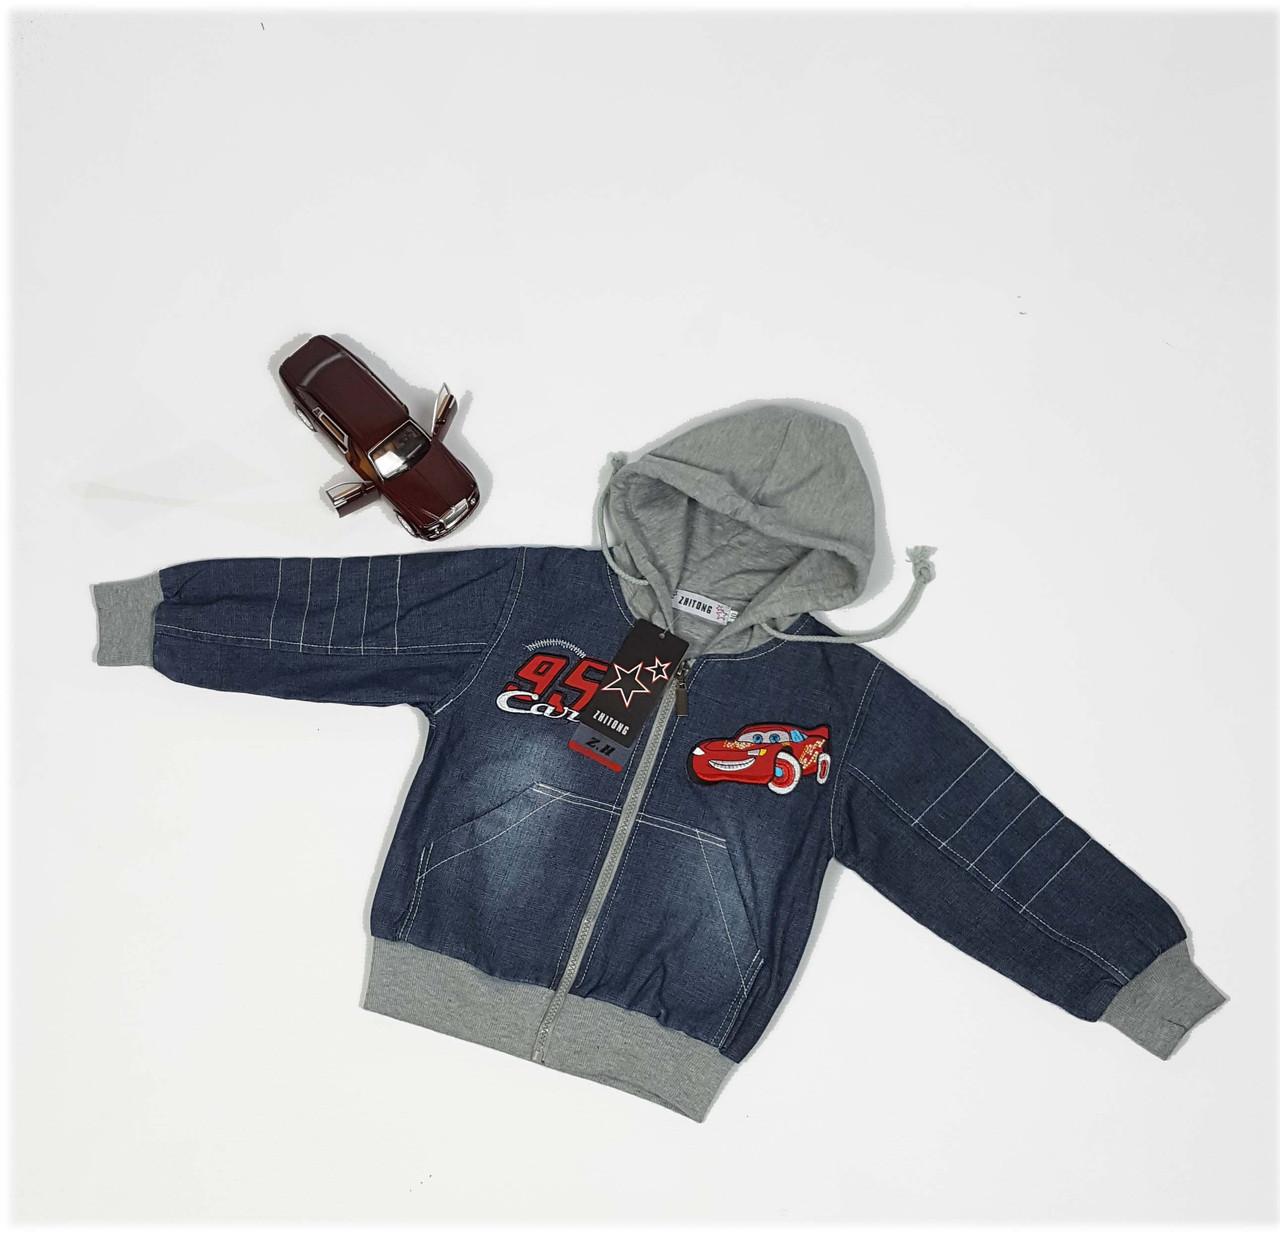 Куртка для мальчика  9522 (джинсовая тачка) весна-осень, размеры на рост от 74 до 98 возраст от 1 до 4 лет